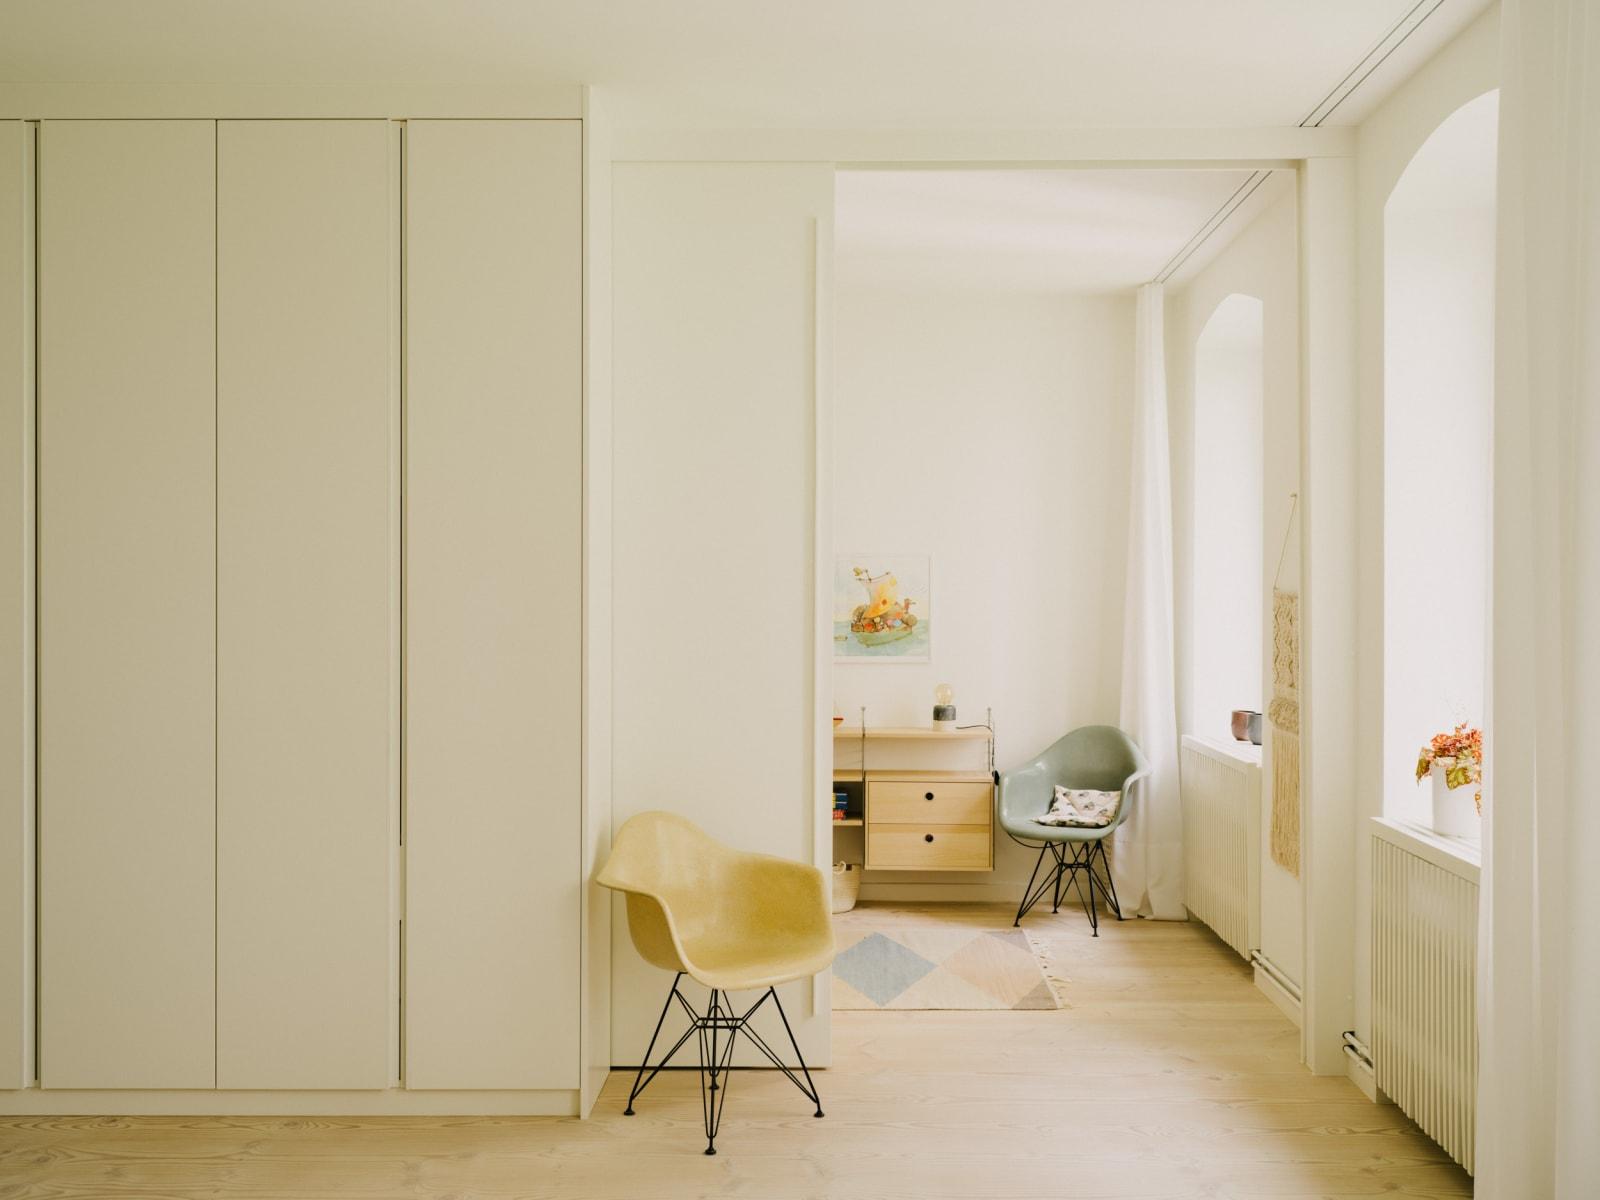 Studio Oink Berlin